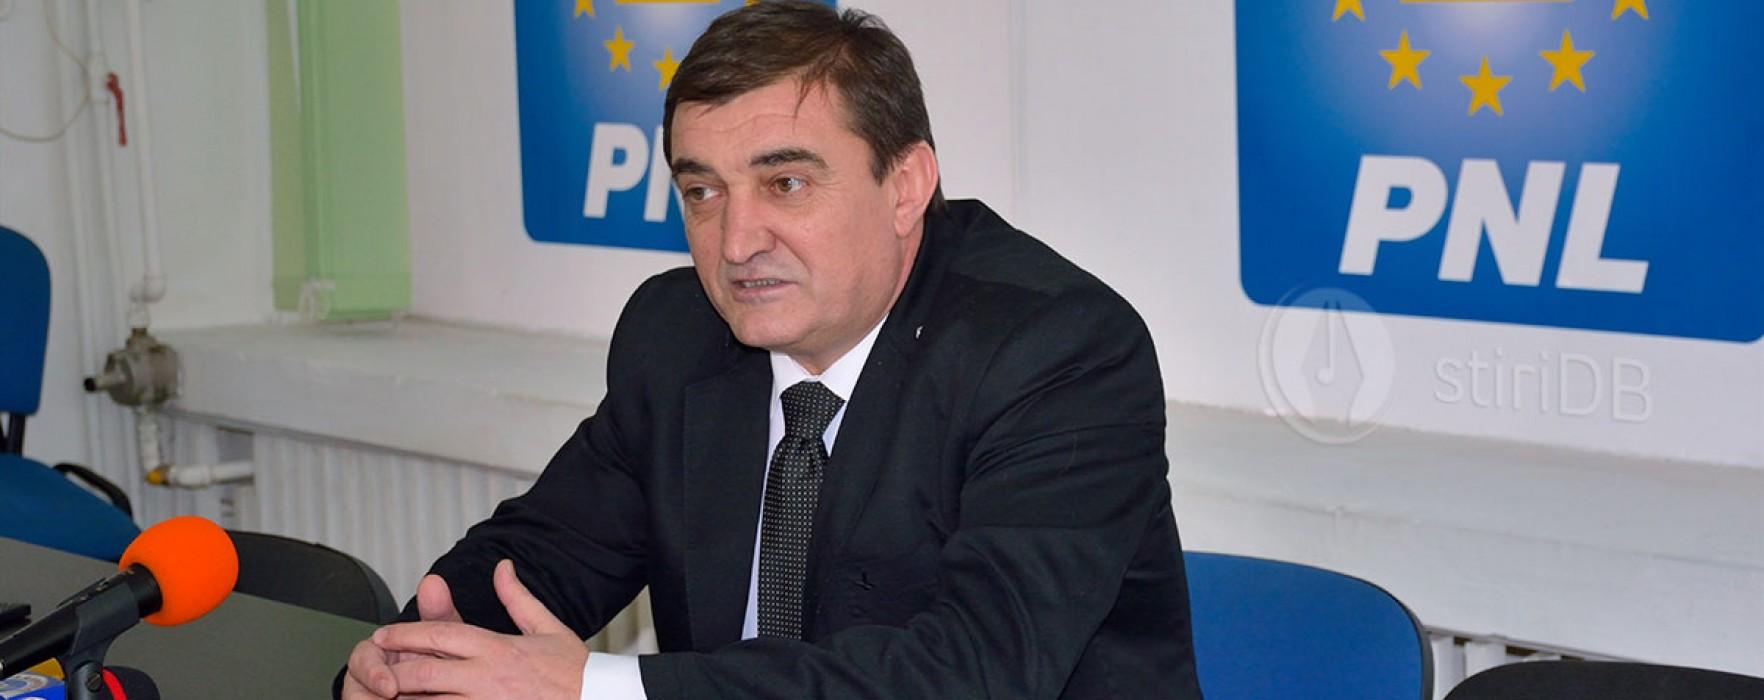 Iulian Vladu: Anul 2016 va fi anul PNL în judeţul Dâmboviţa